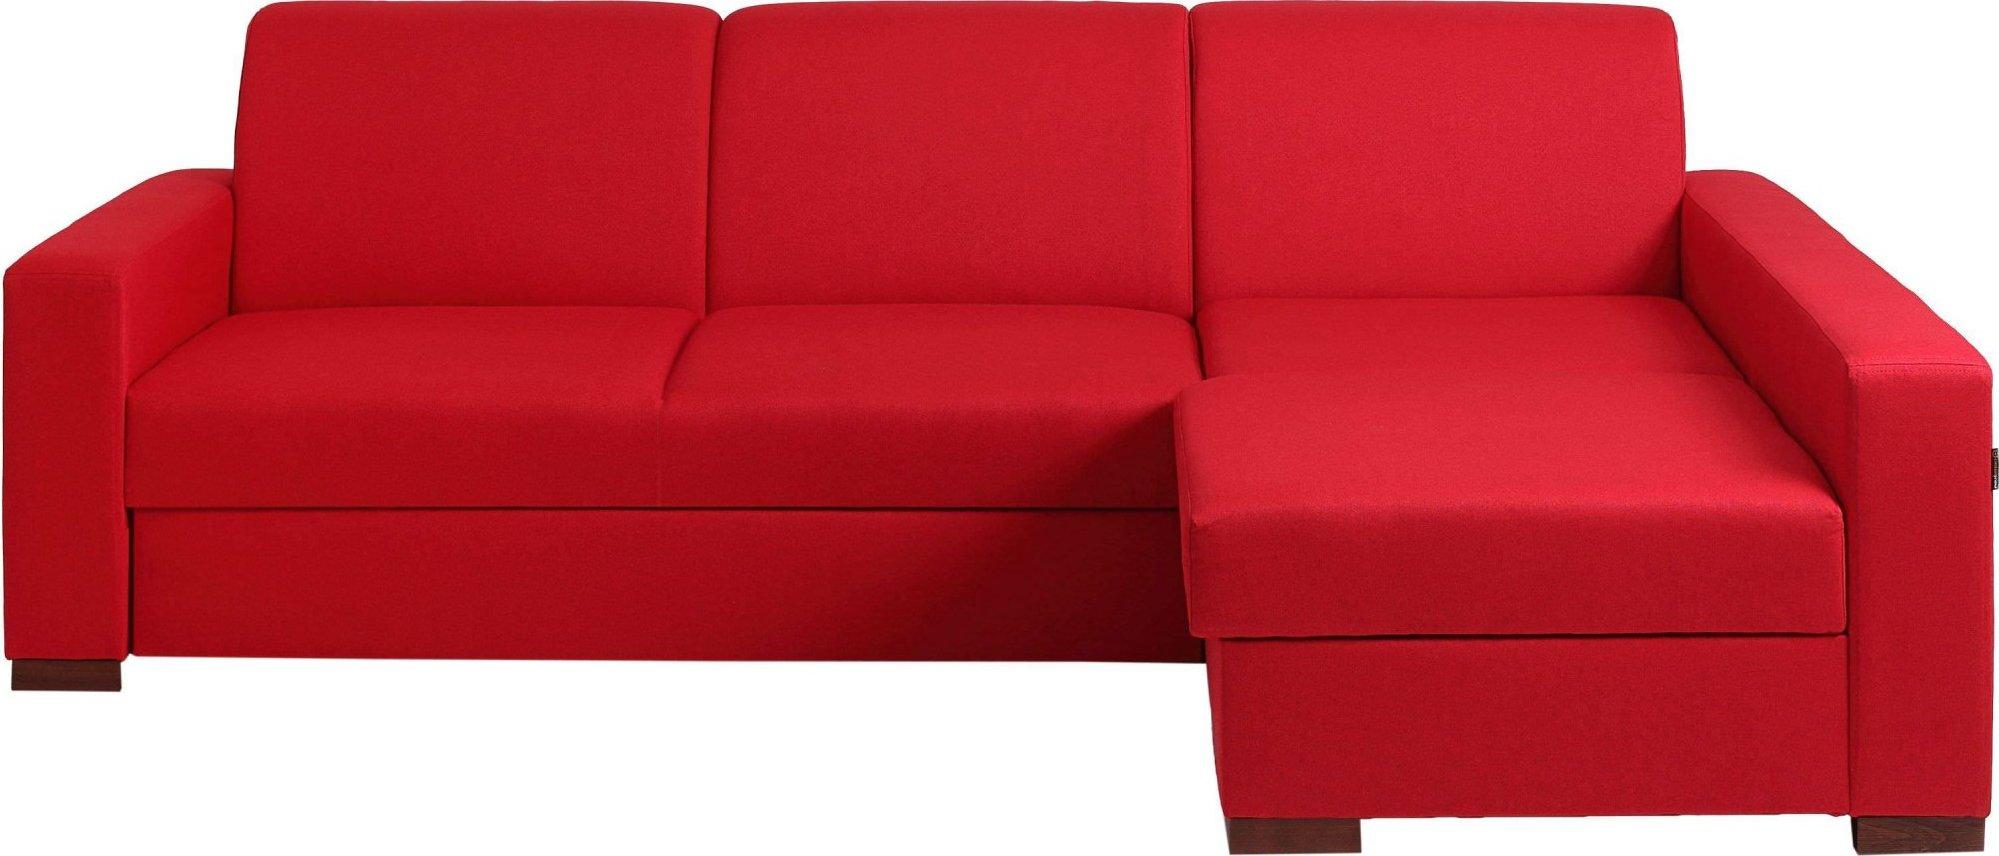 Canapé-lit d'angle droit 3 places tissu rouge h40cm